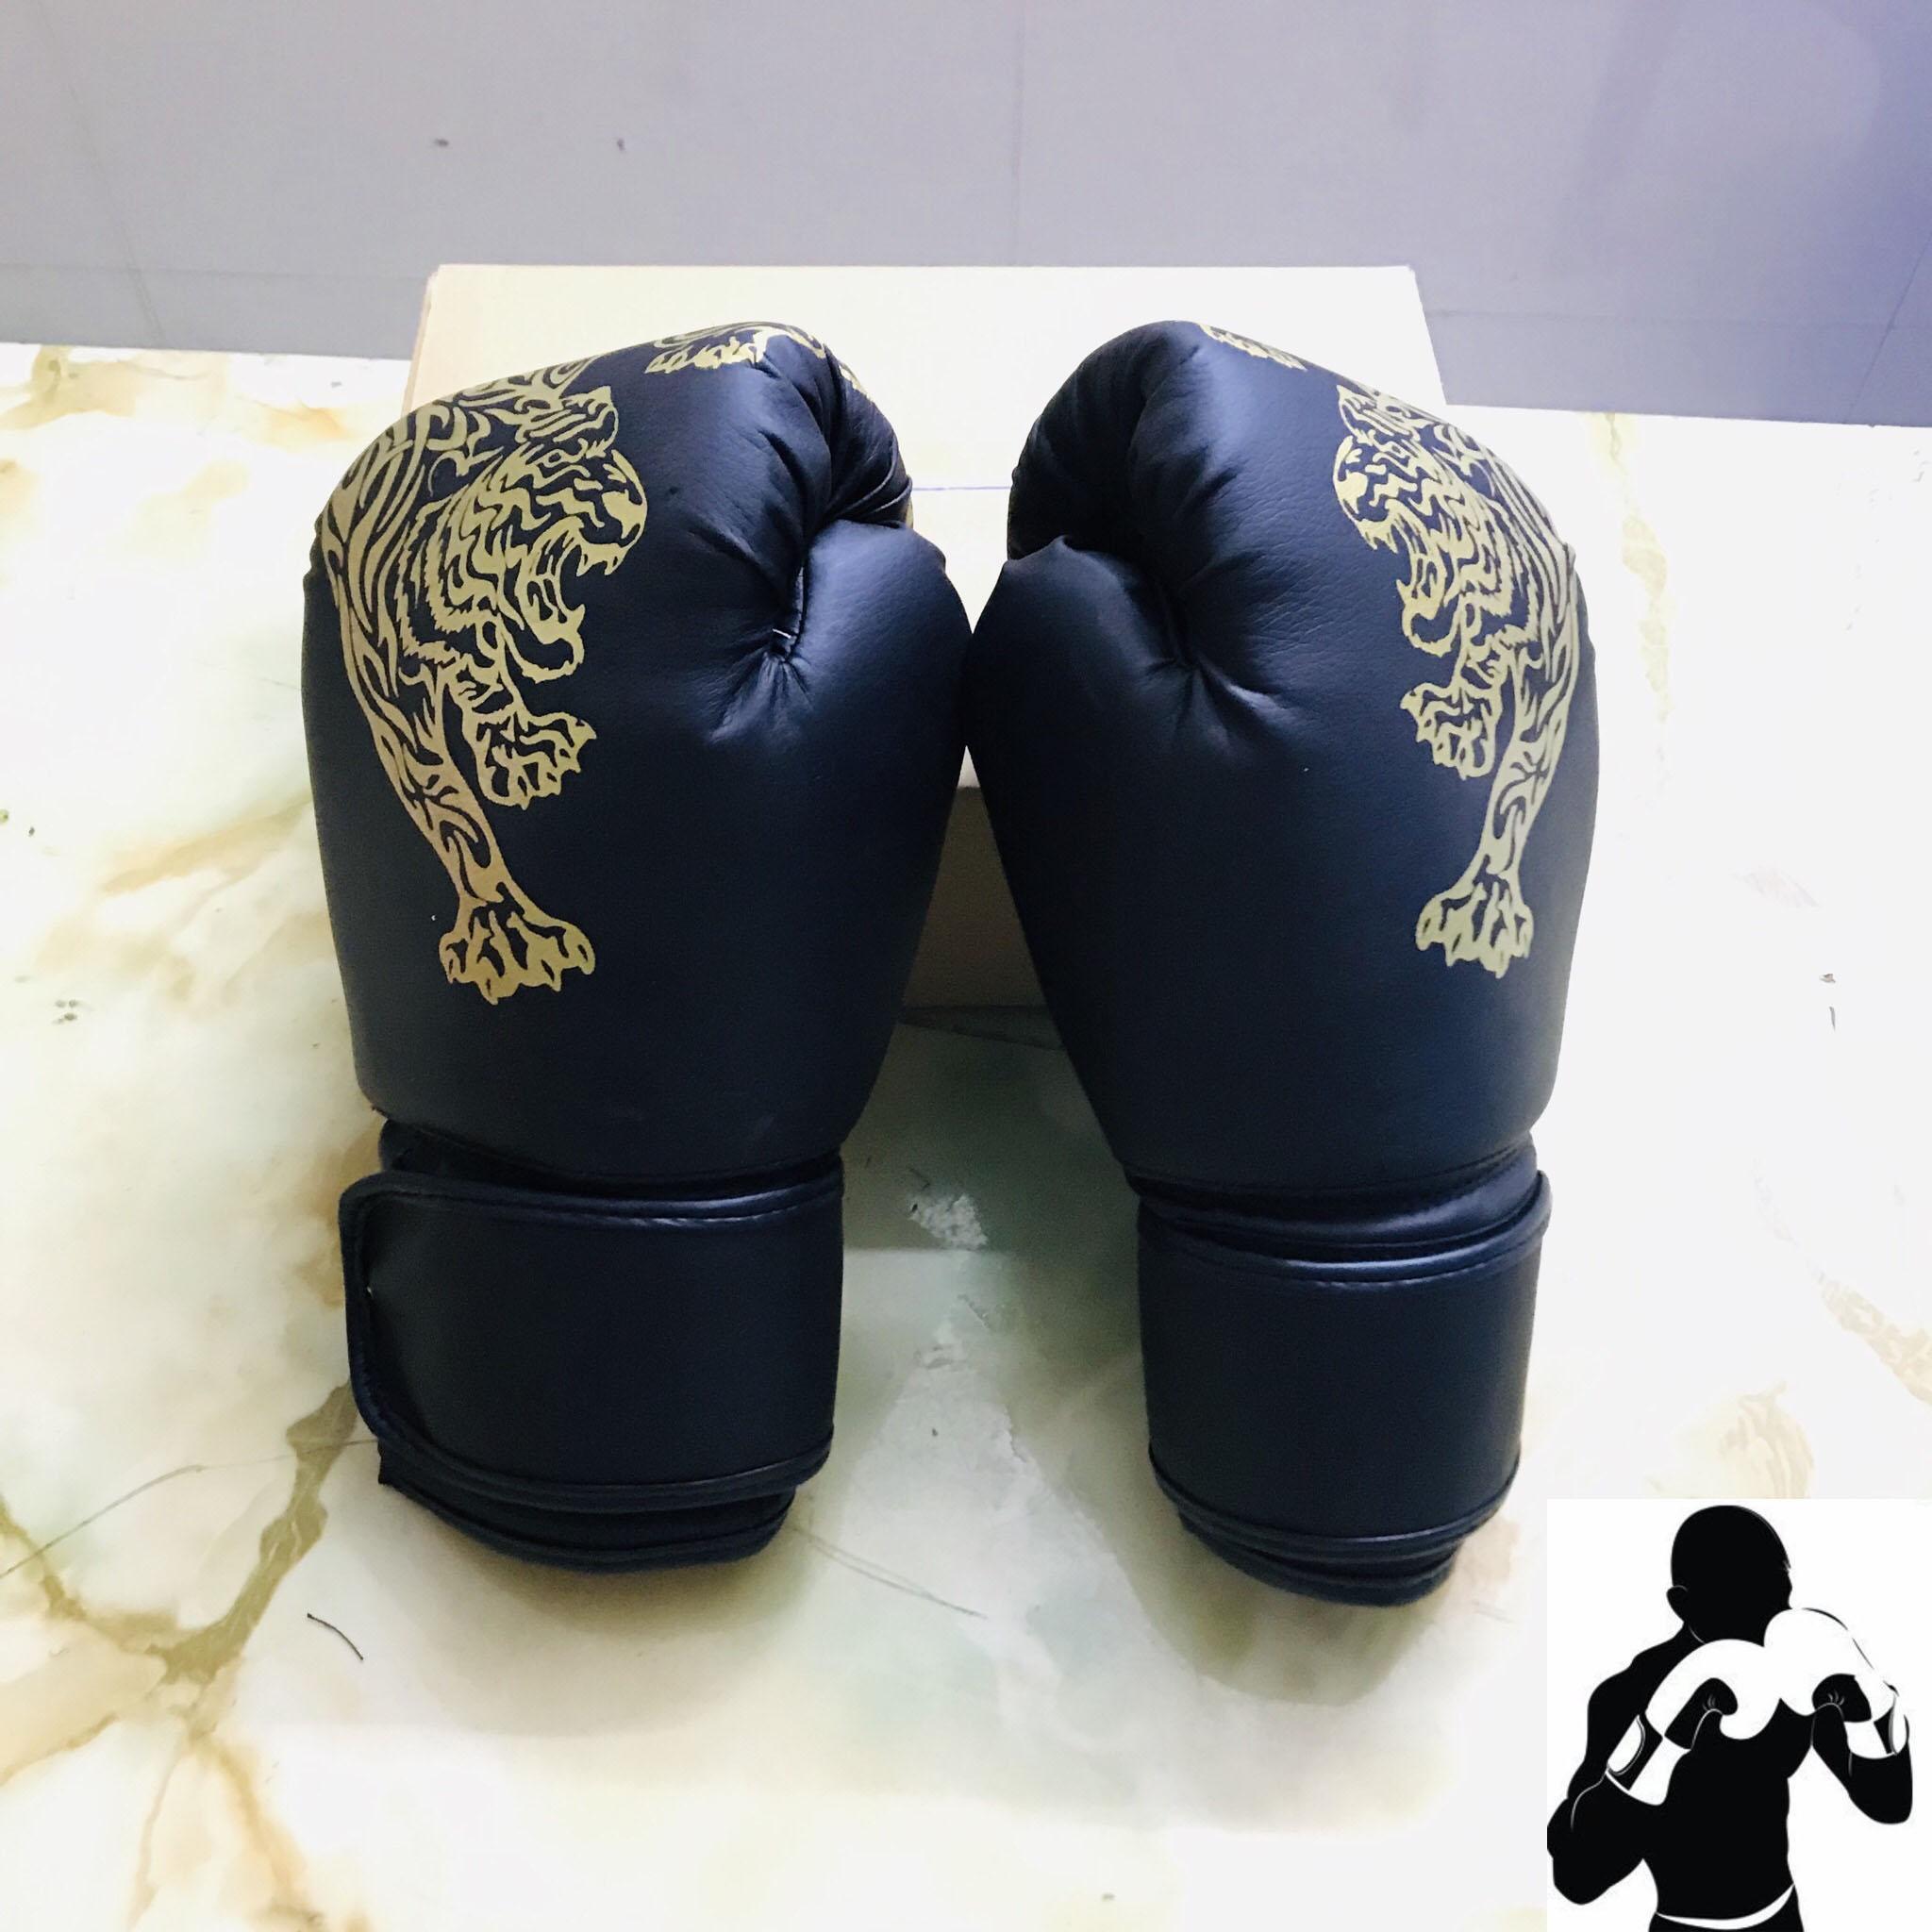 Găng Bao Tay đấm Bốc, Boxing Cho Người Lớn – Hoa Văn Con Hổ Giá Siêu Rẻ